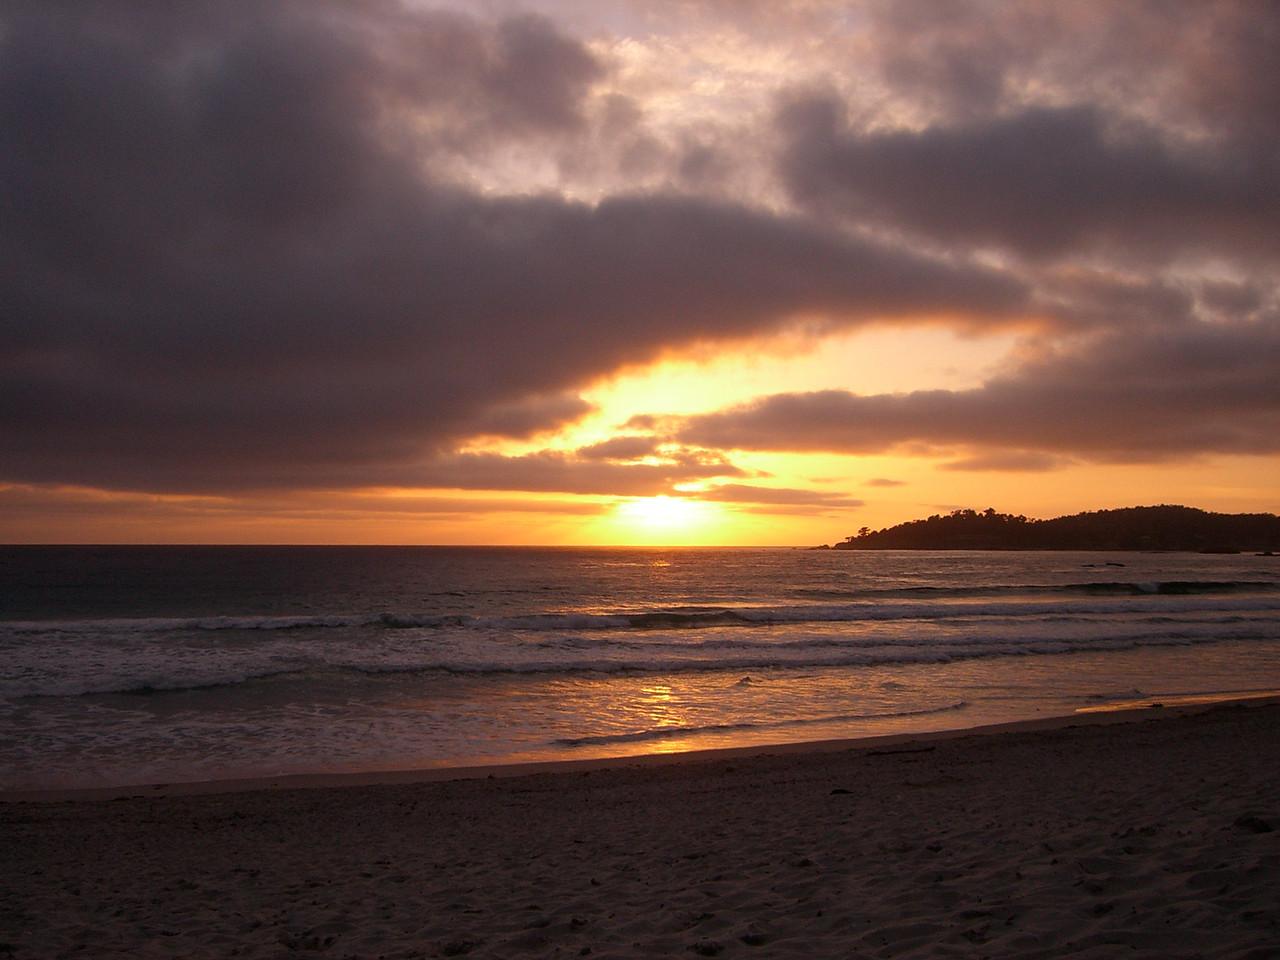 2006 04 20 Thu - Sunset on 'sunset' setting 1